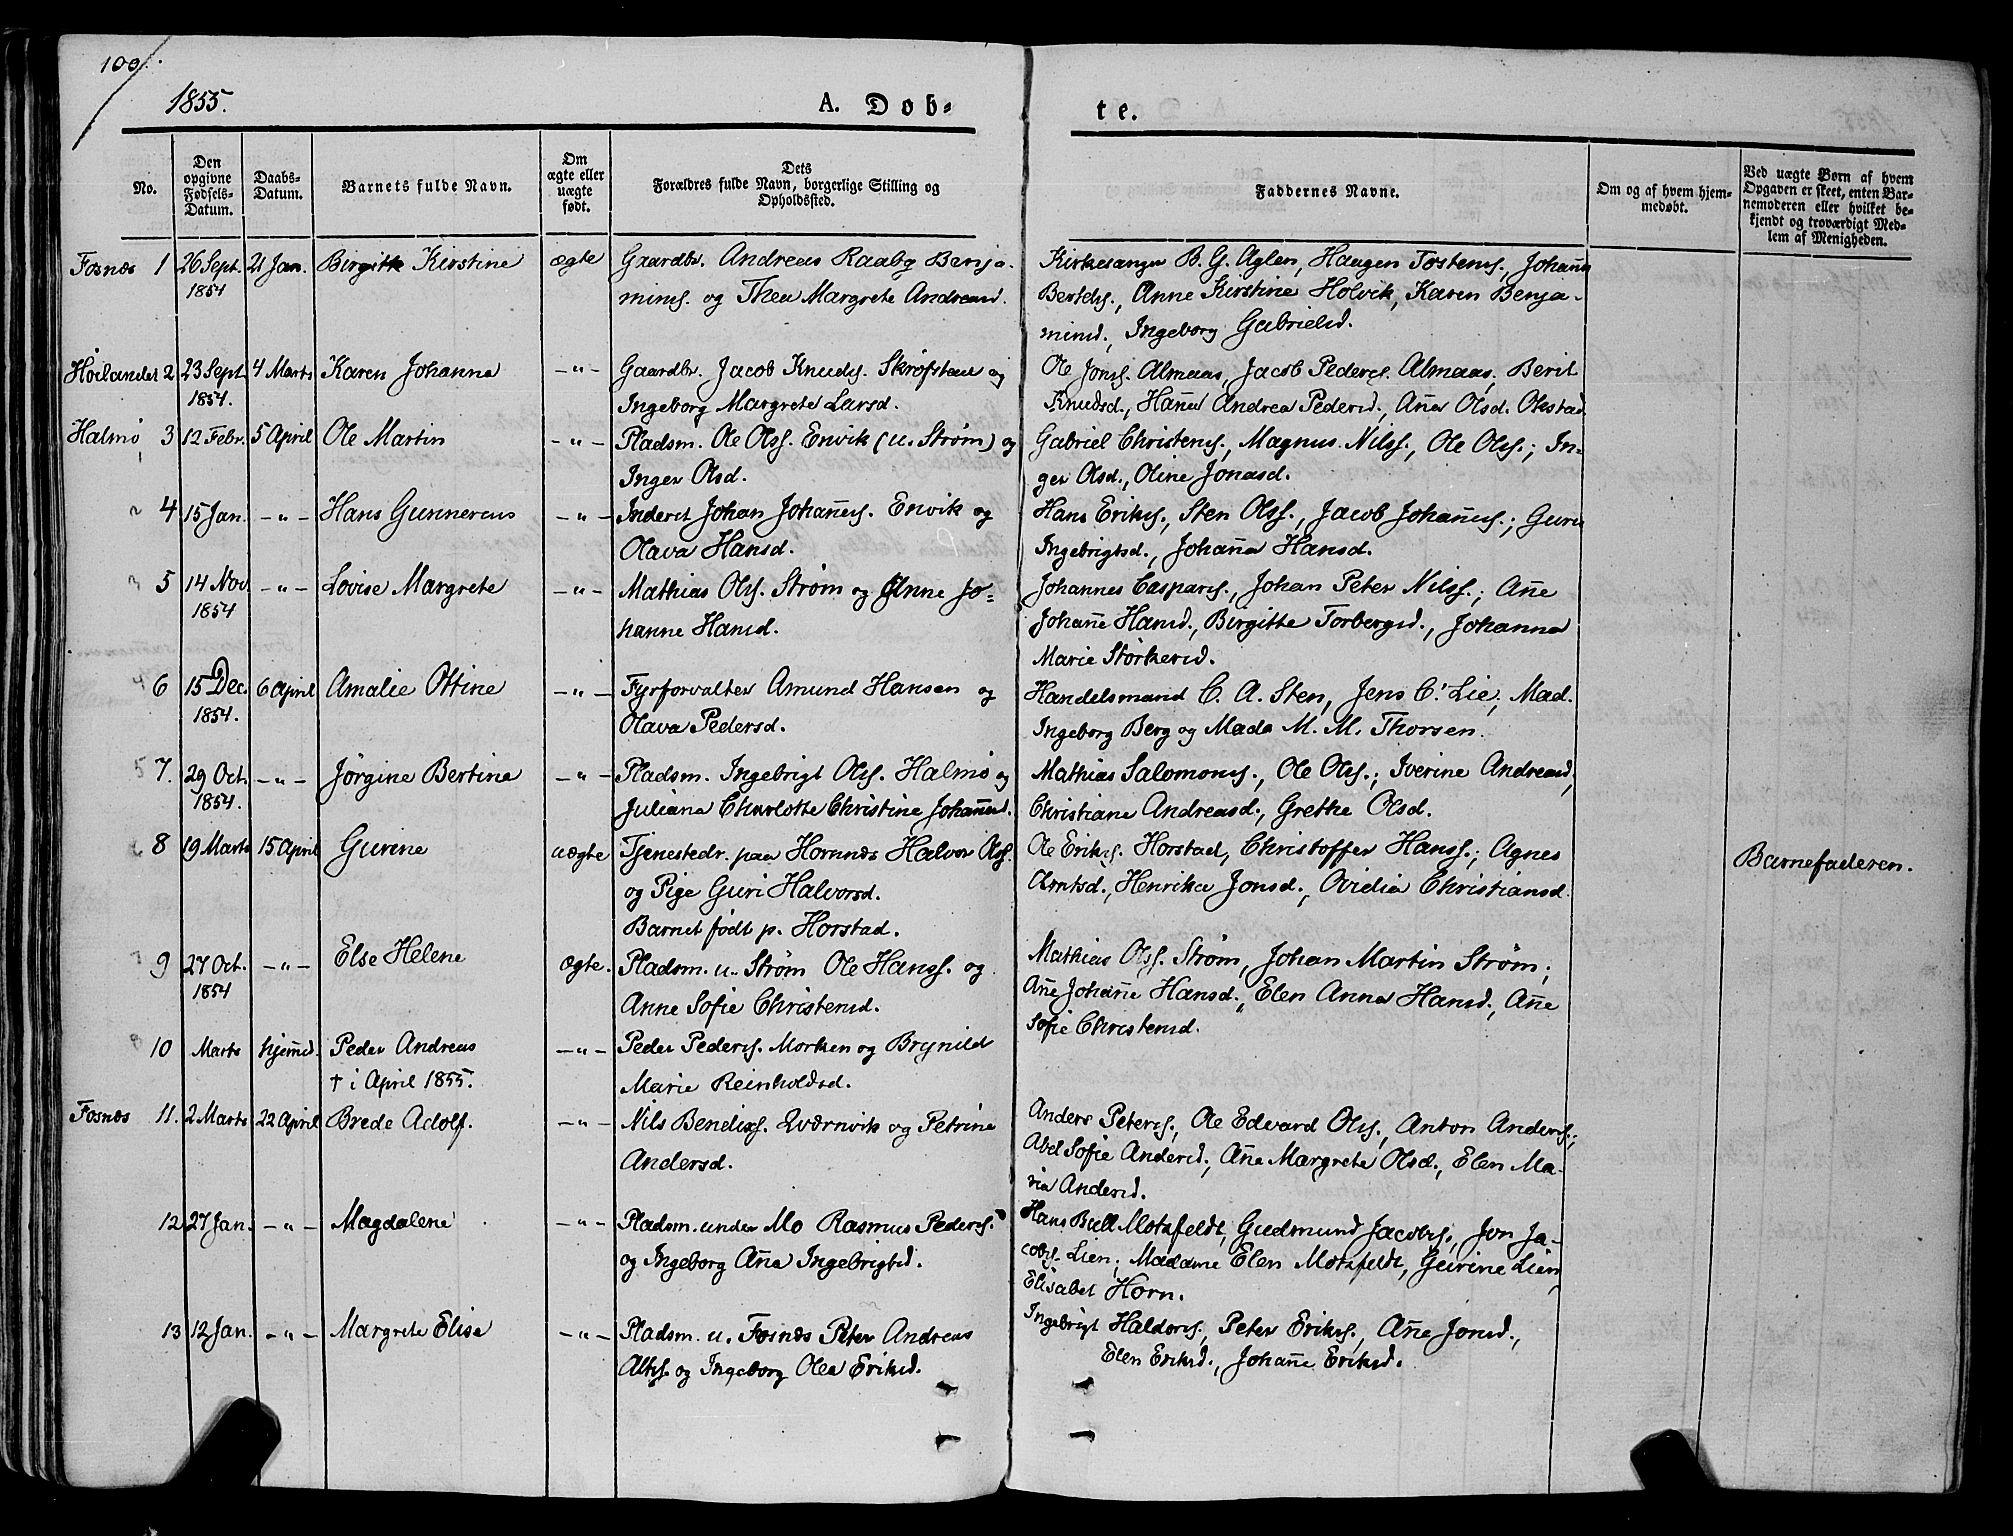 SAT, Ministerialprotokoller, klokkerbøker og fødselsregistre - Nord-Trøndelag, 773/L0614: Ministerialbok nr. 773A05, 1831-1856, s. 100